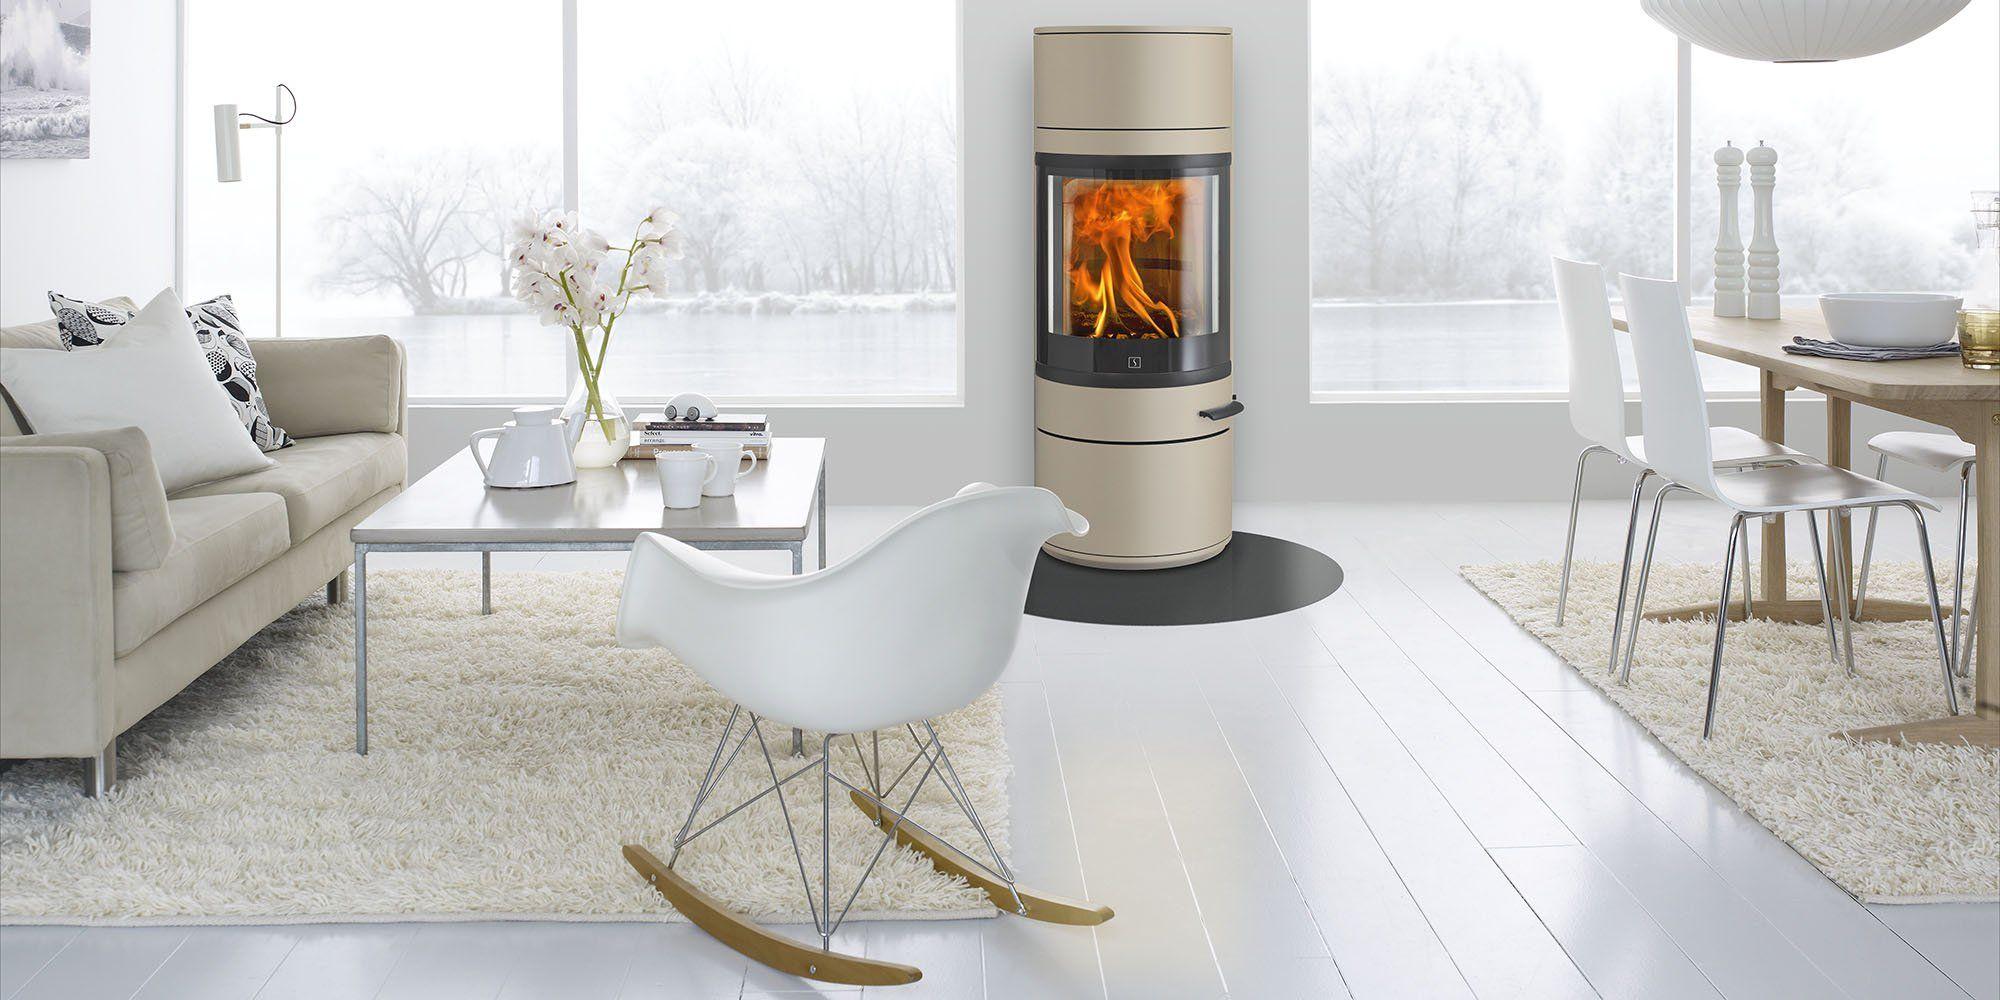 Bien Choisir Granulés De Bois meilleurs conseils pour bien choisir le chauffage | alsa::co